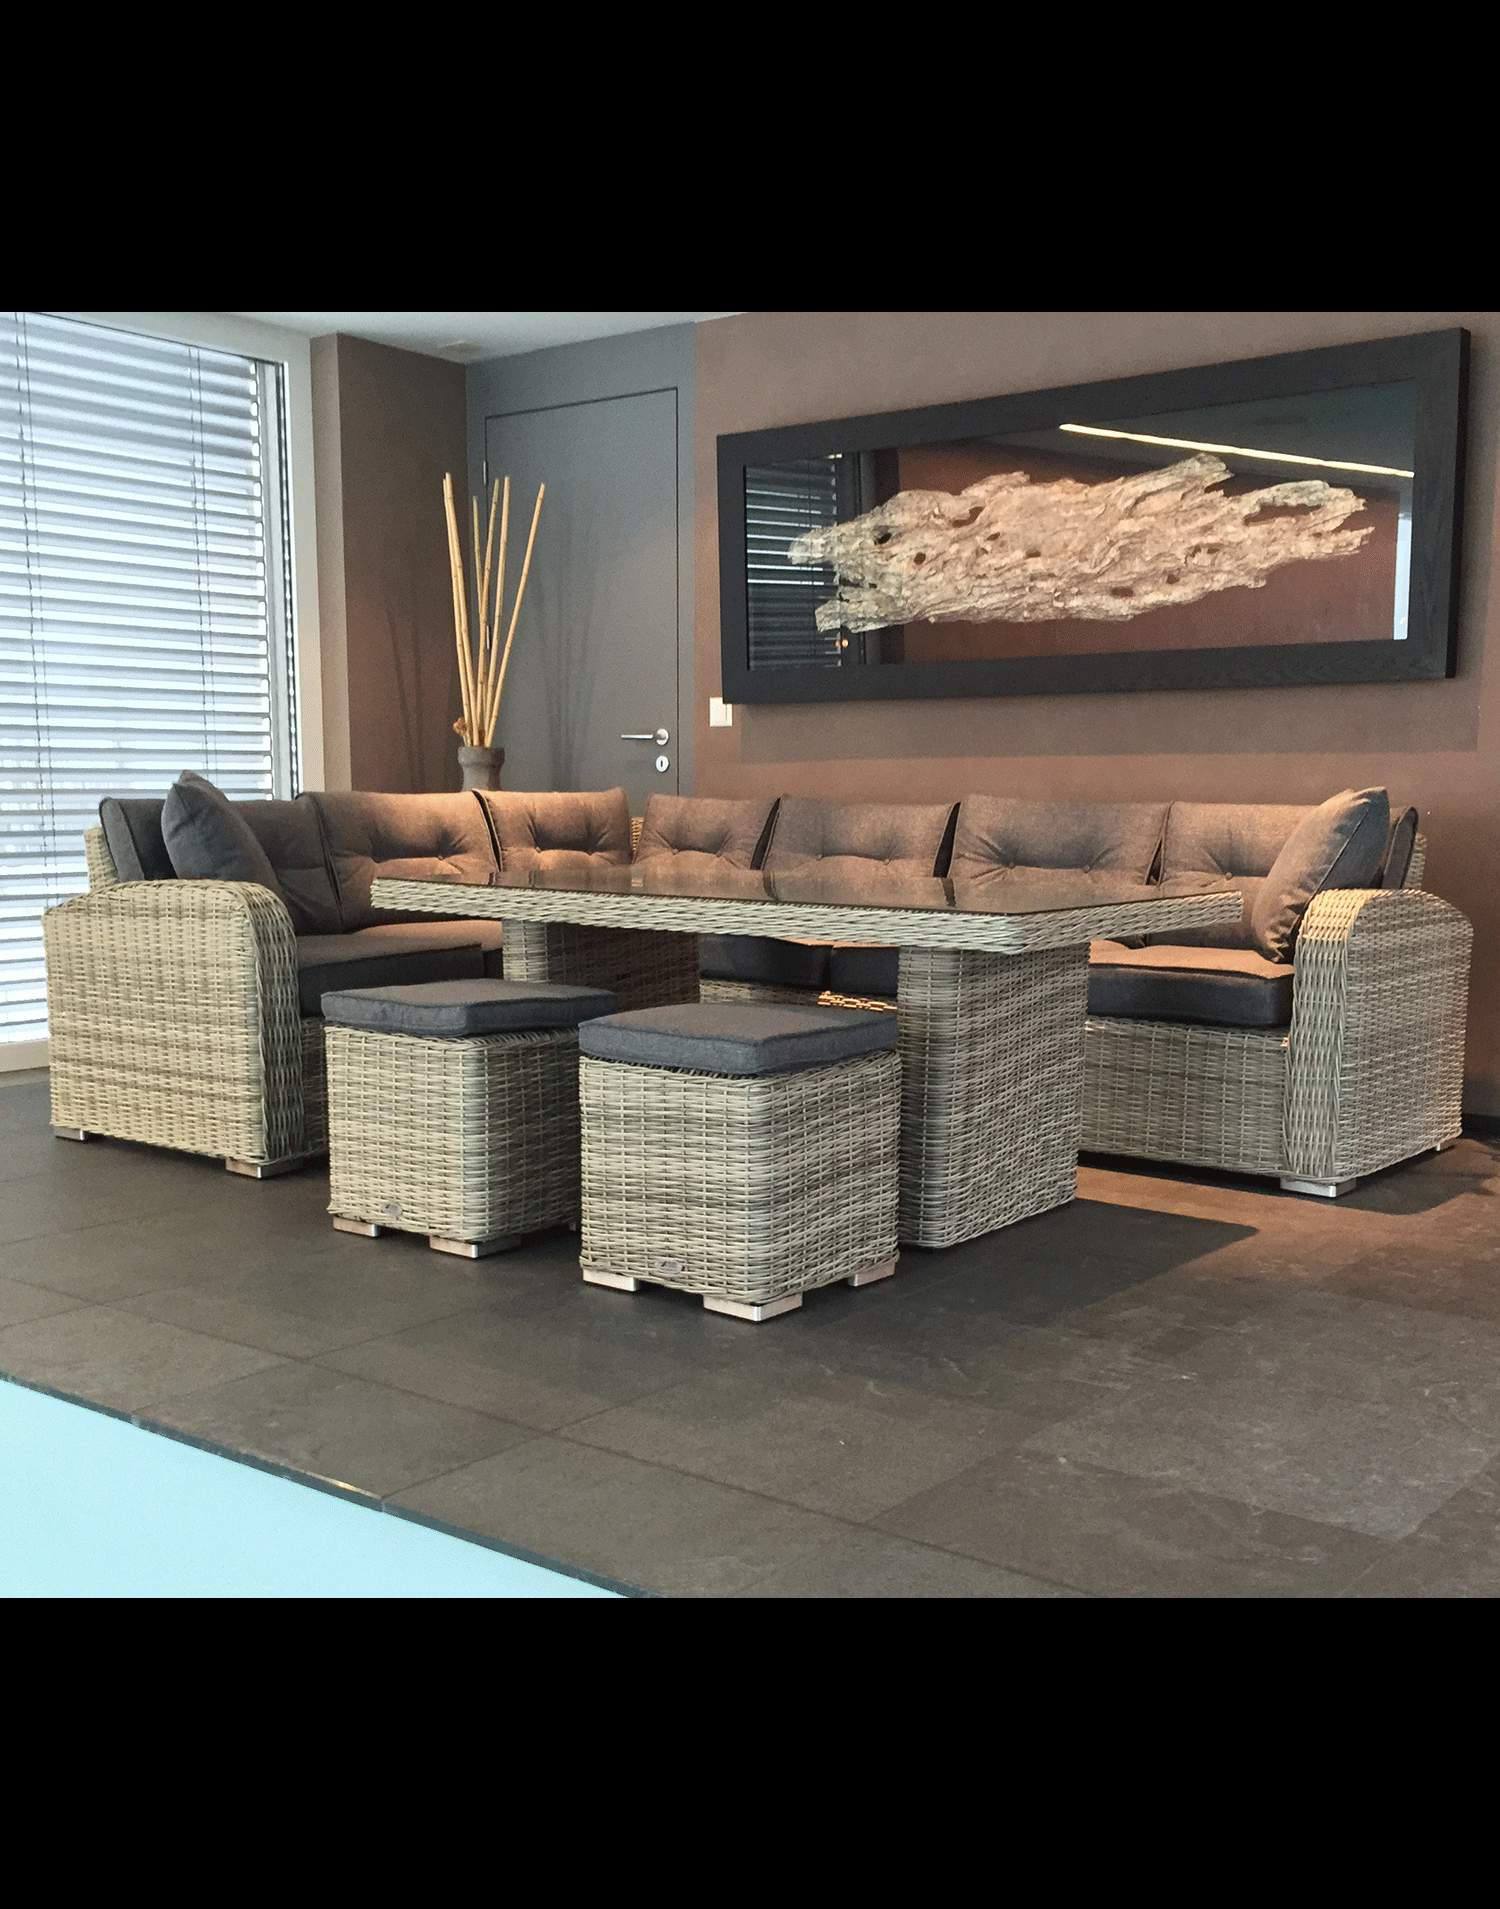 Garten Idee Rattan Lounge Günstig